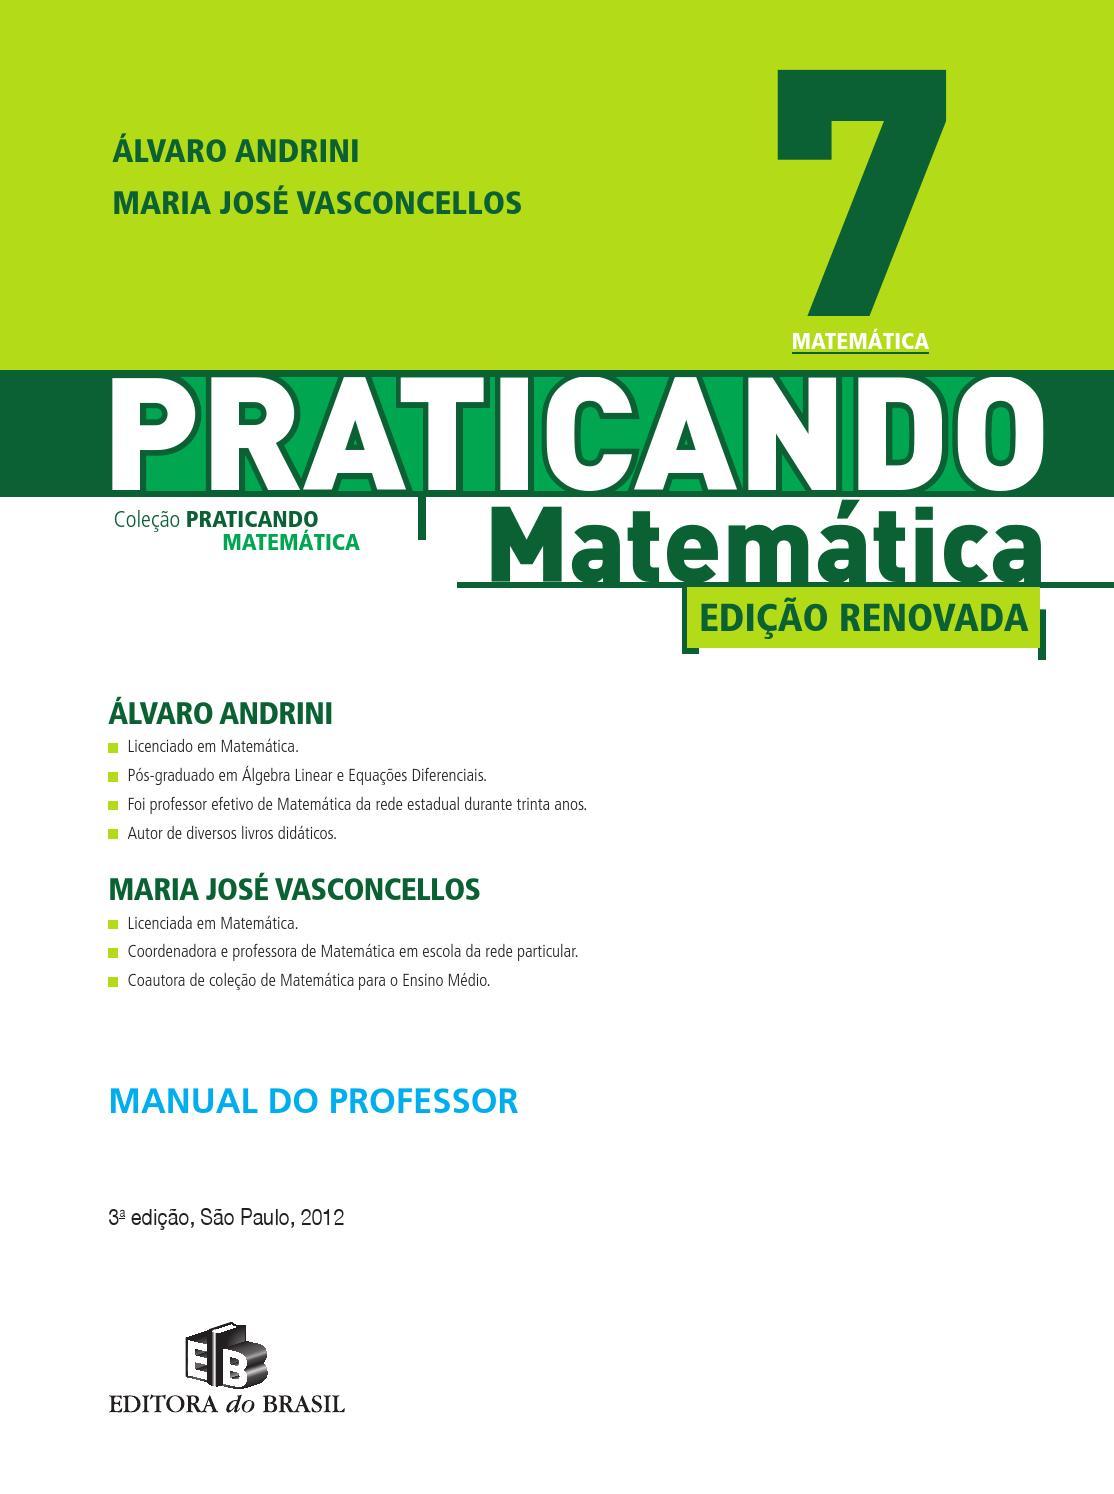 Praticando matematica 7ano by ronaldo.cardoso - issuu 81ff7104d288c